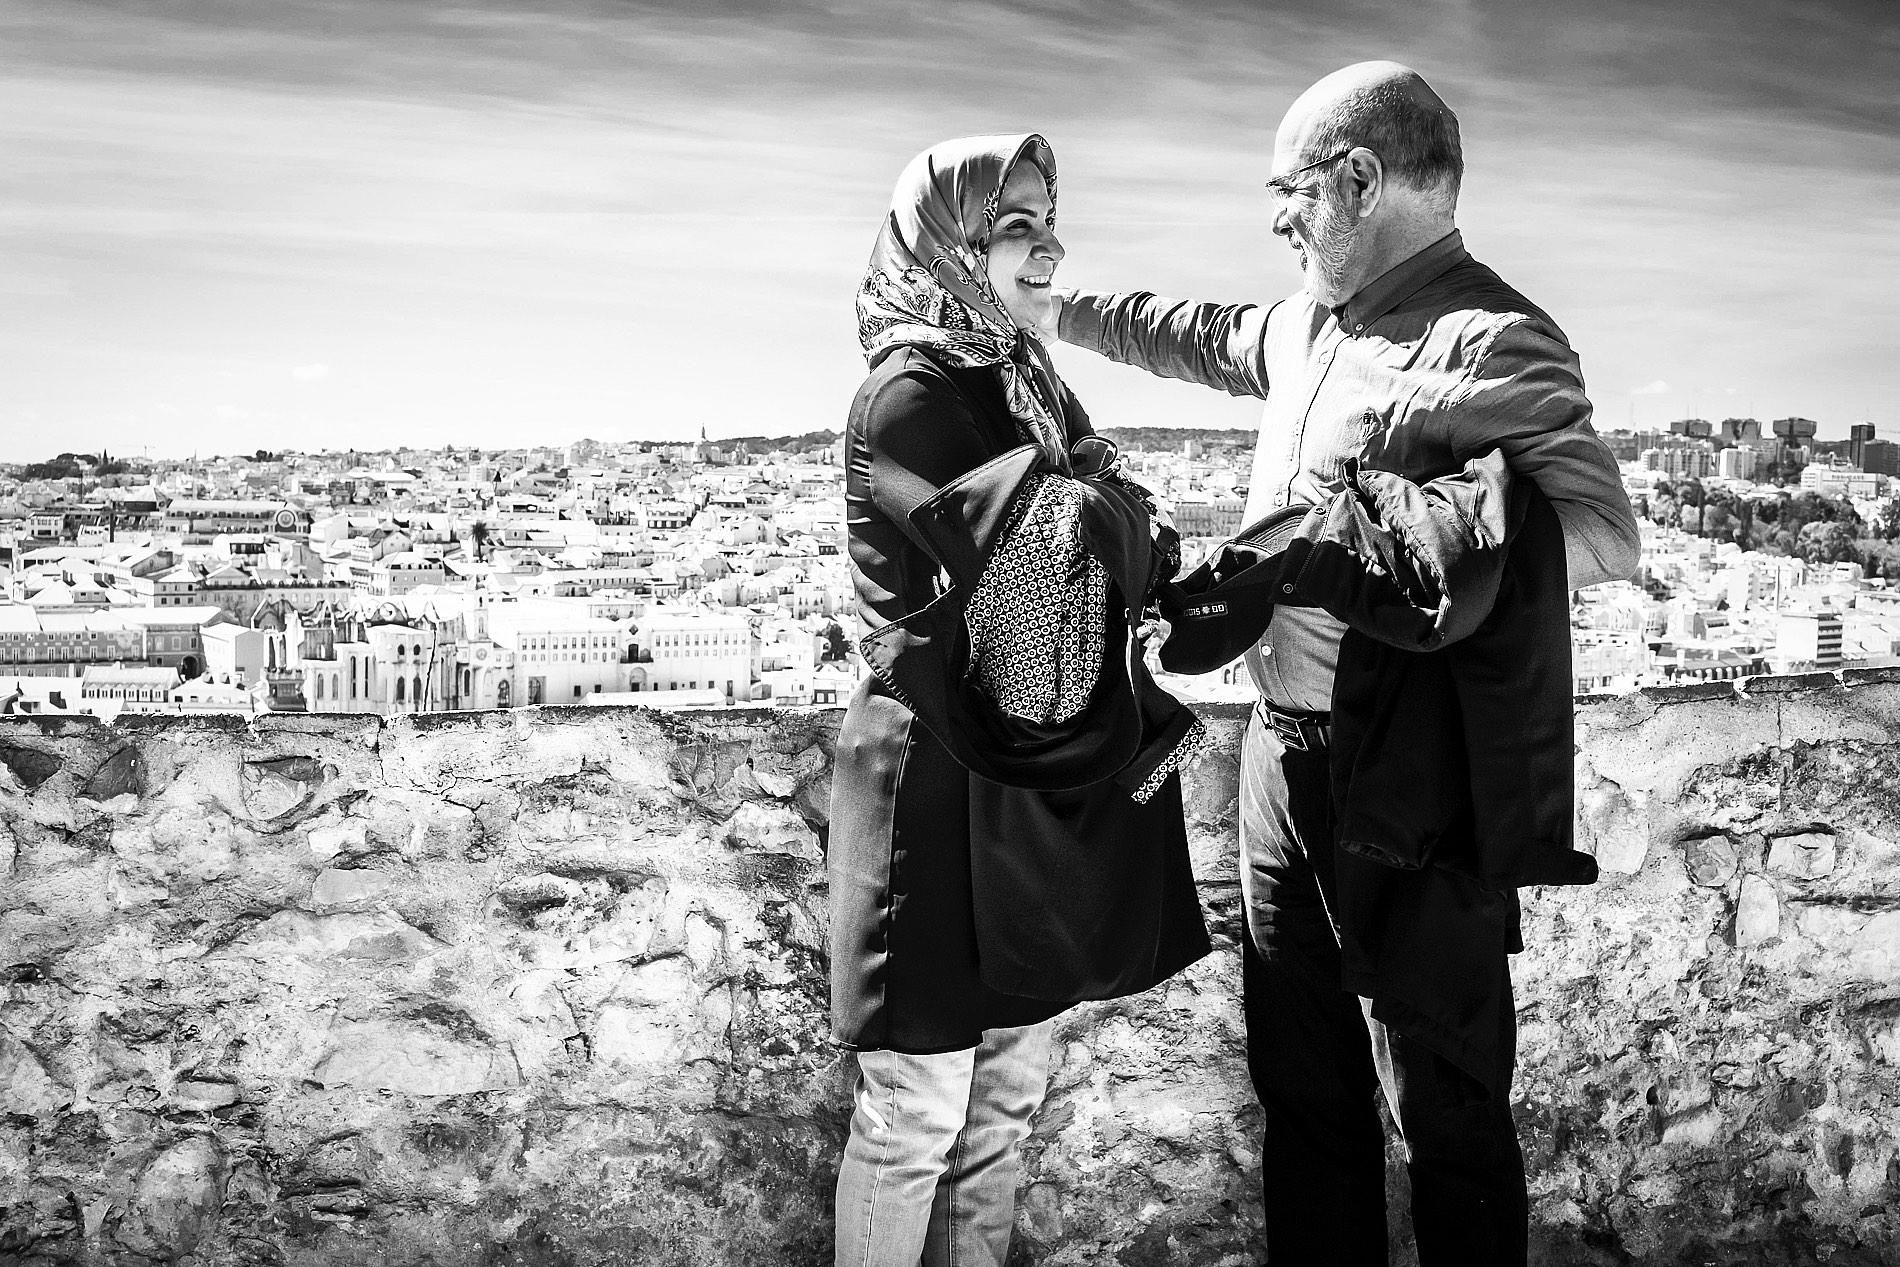 Lissabon_Lisbon_street_portrait_martinfrick-1424_02